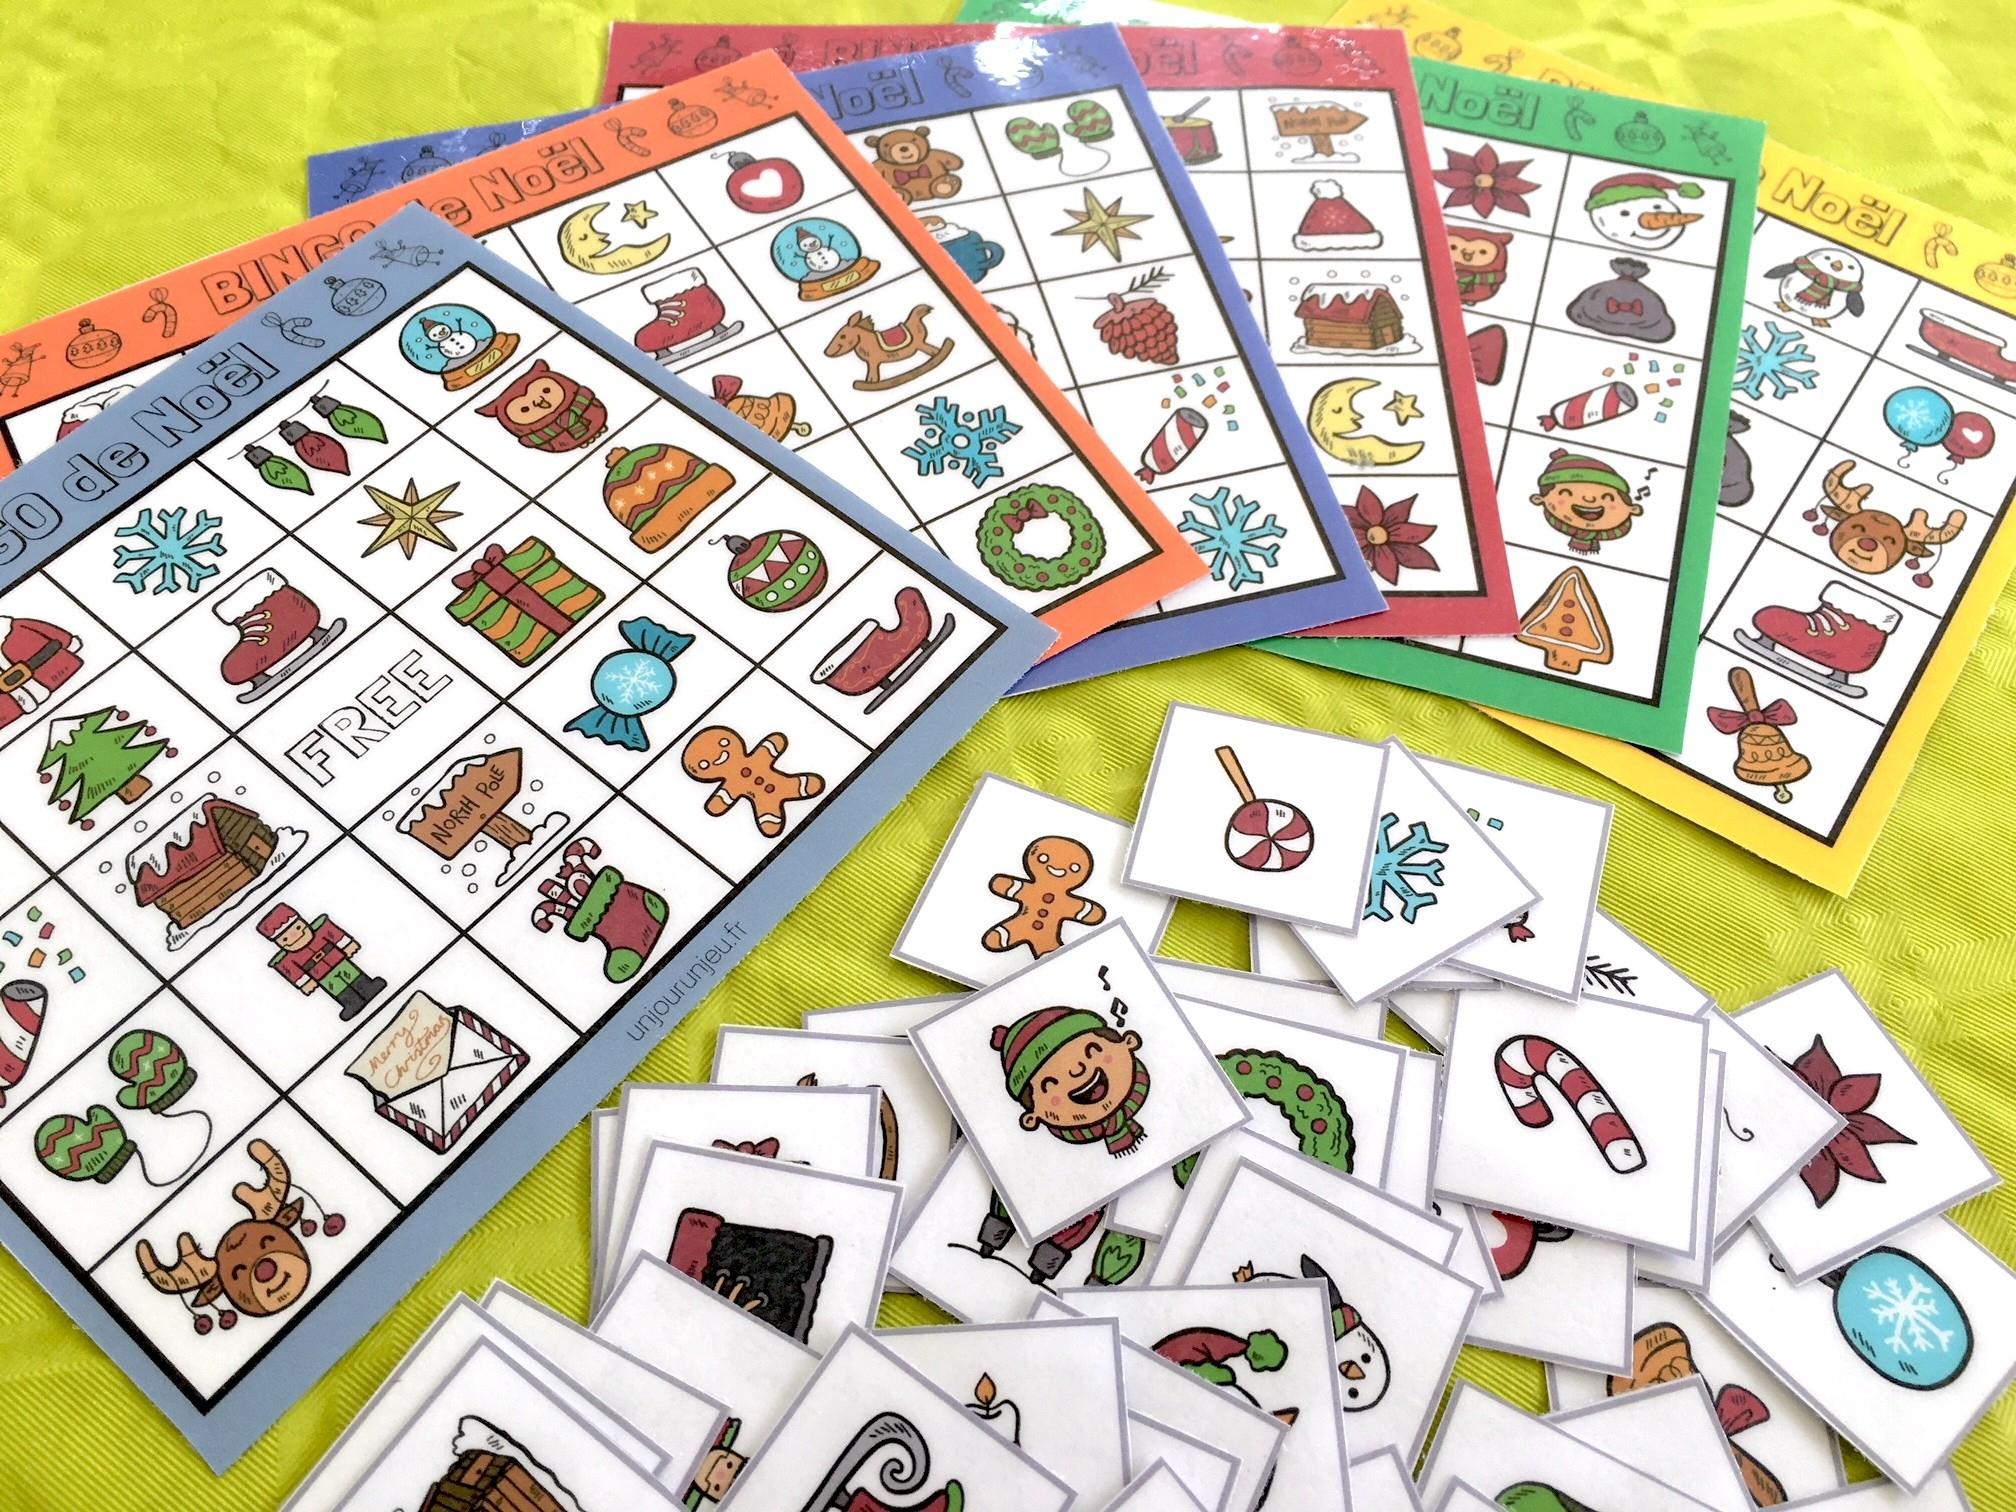 Jeu De Noël : Bingo À Télécharger Gratuitement Pour Vos Enfants encequiconcerne Jeux Pour Enfan Gratuit